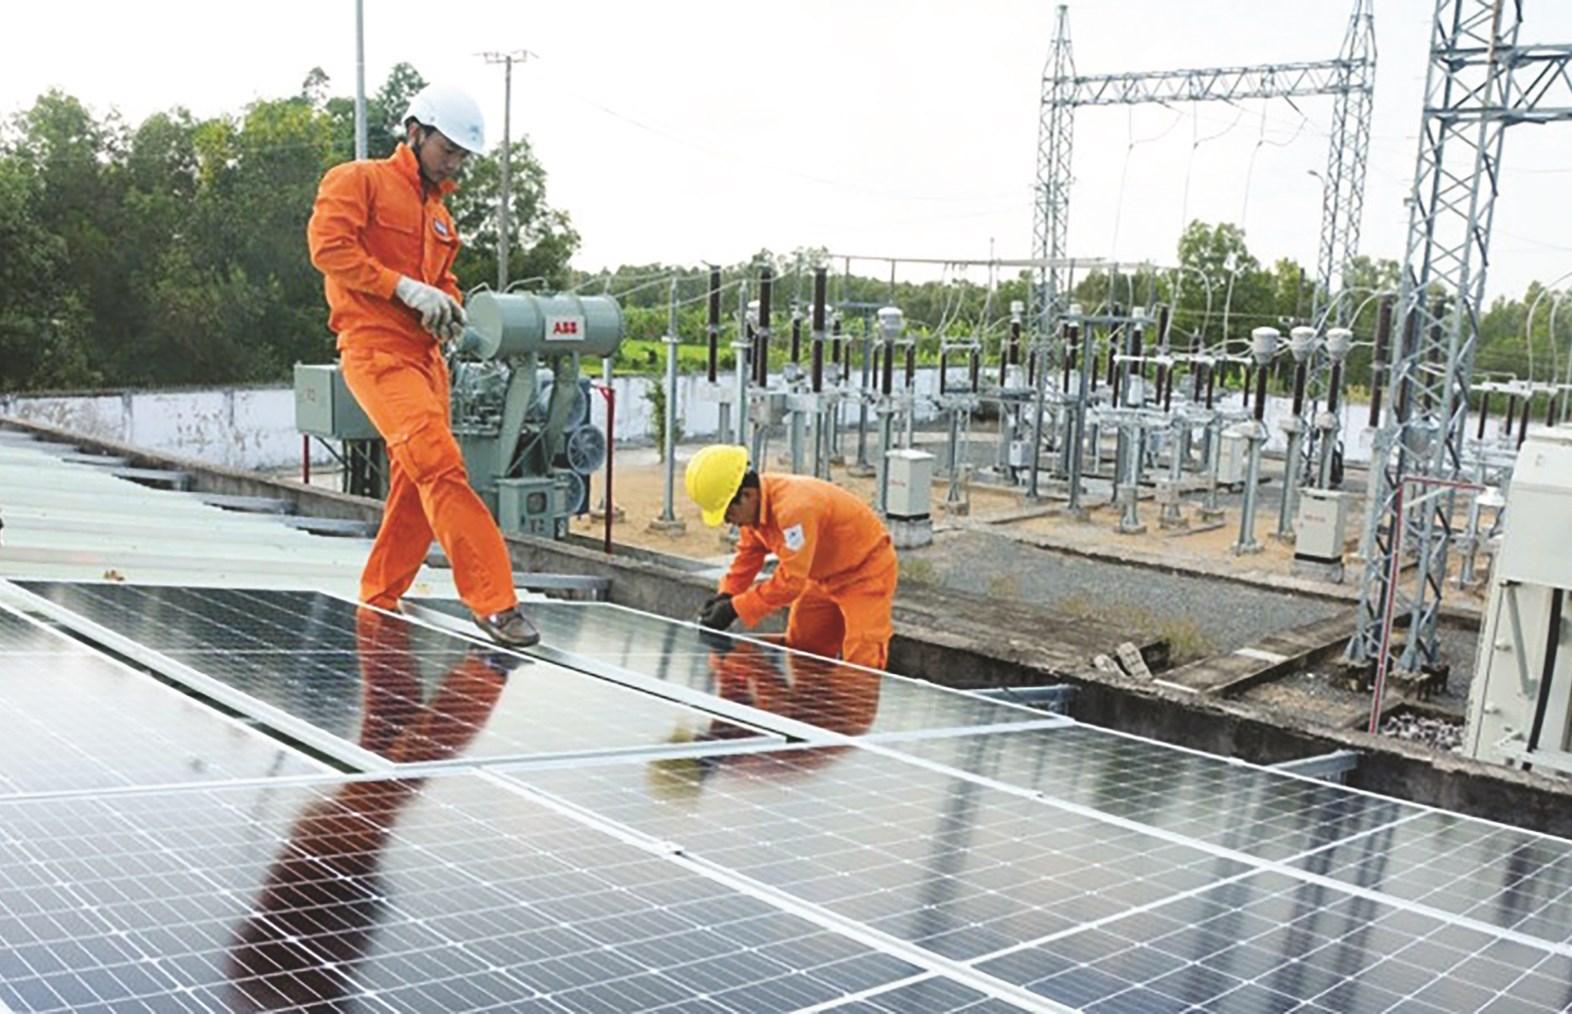 Hệ thống ĐMTMN tại điện lực huyện Trần Văn Thời (Cà Mau)